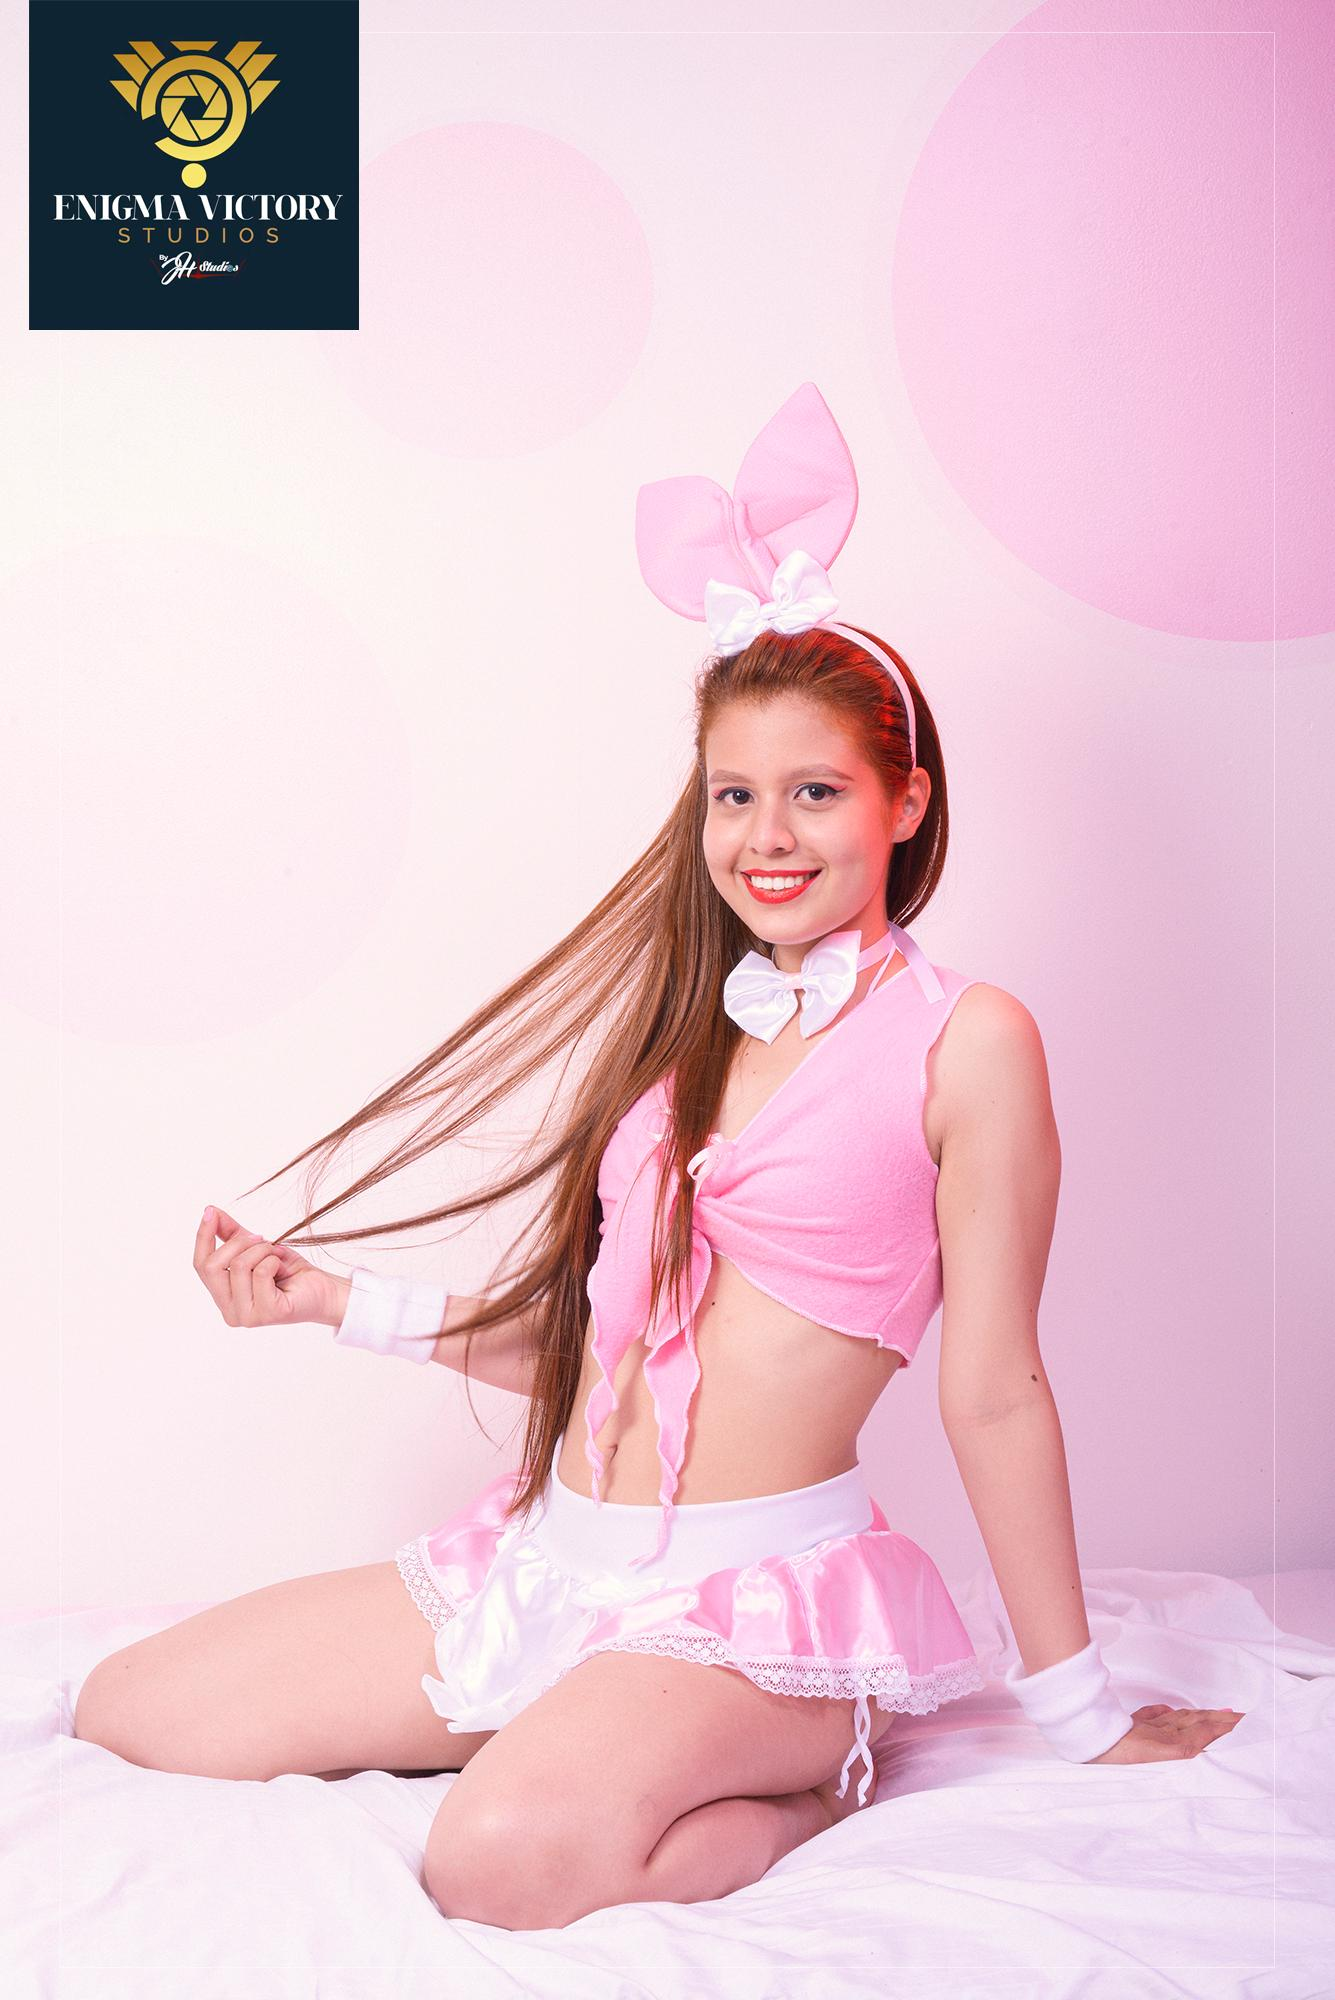 Cutie emily ?s=fwrladtjlljiecq8g5hkwo2h8kn88c4t+jrnelw1bew=